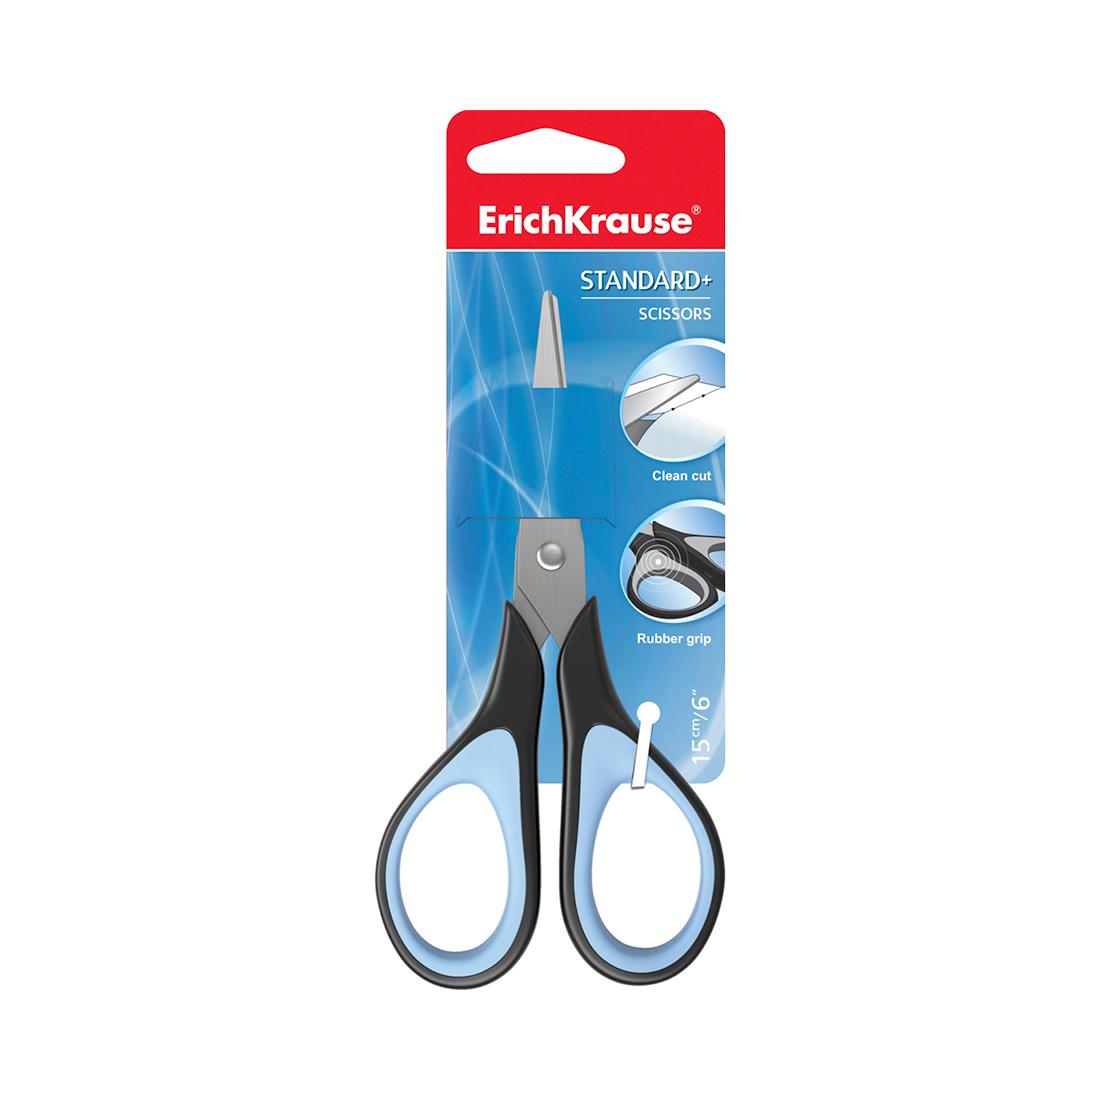 Ножницы ErichKrause® Standard+, 15см (в блистере по 1 шт.)